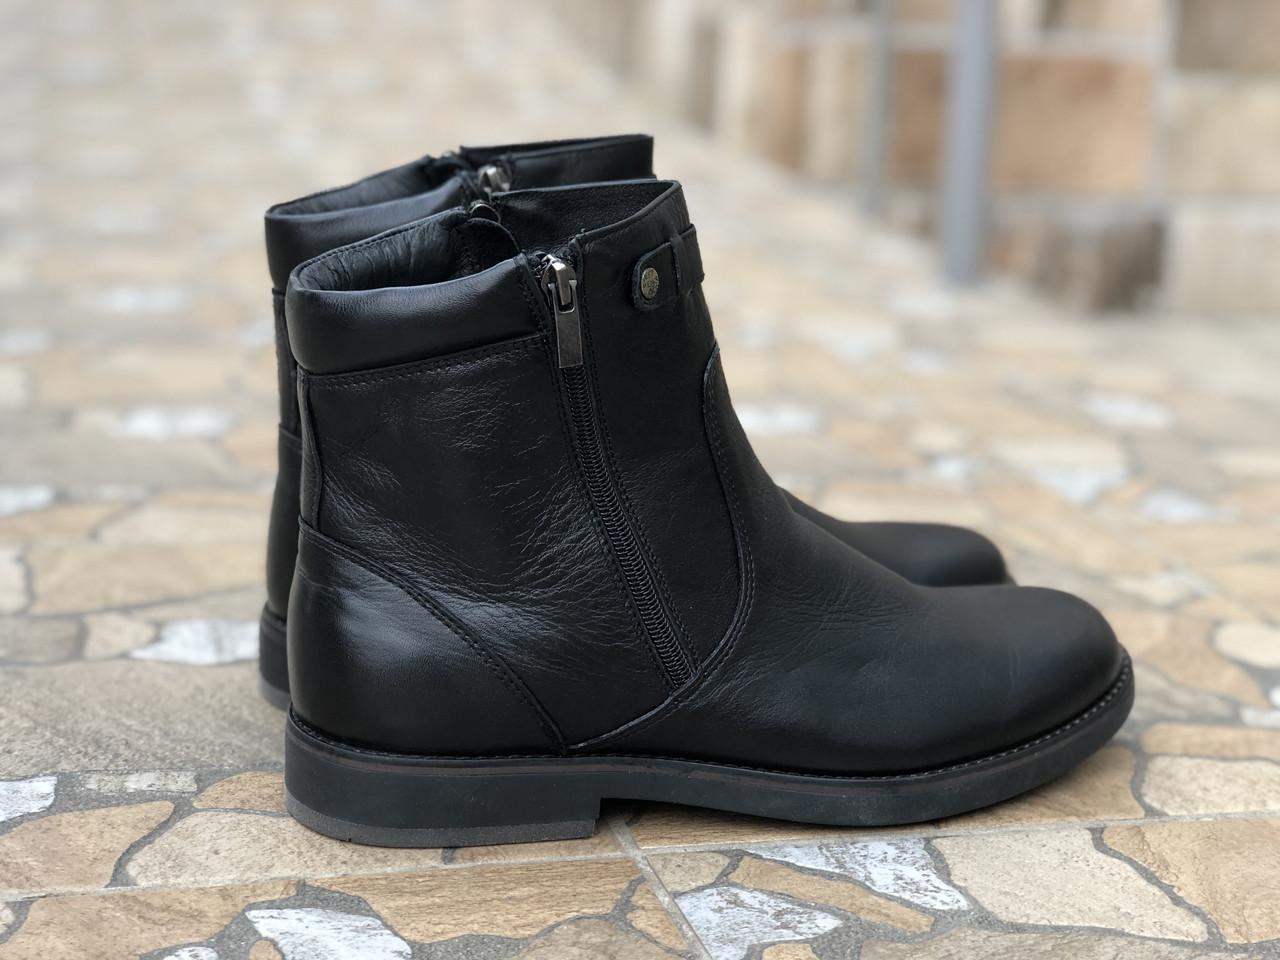 Кожаные мужские ботинки Mida 14232 чер размеры 40,42,44